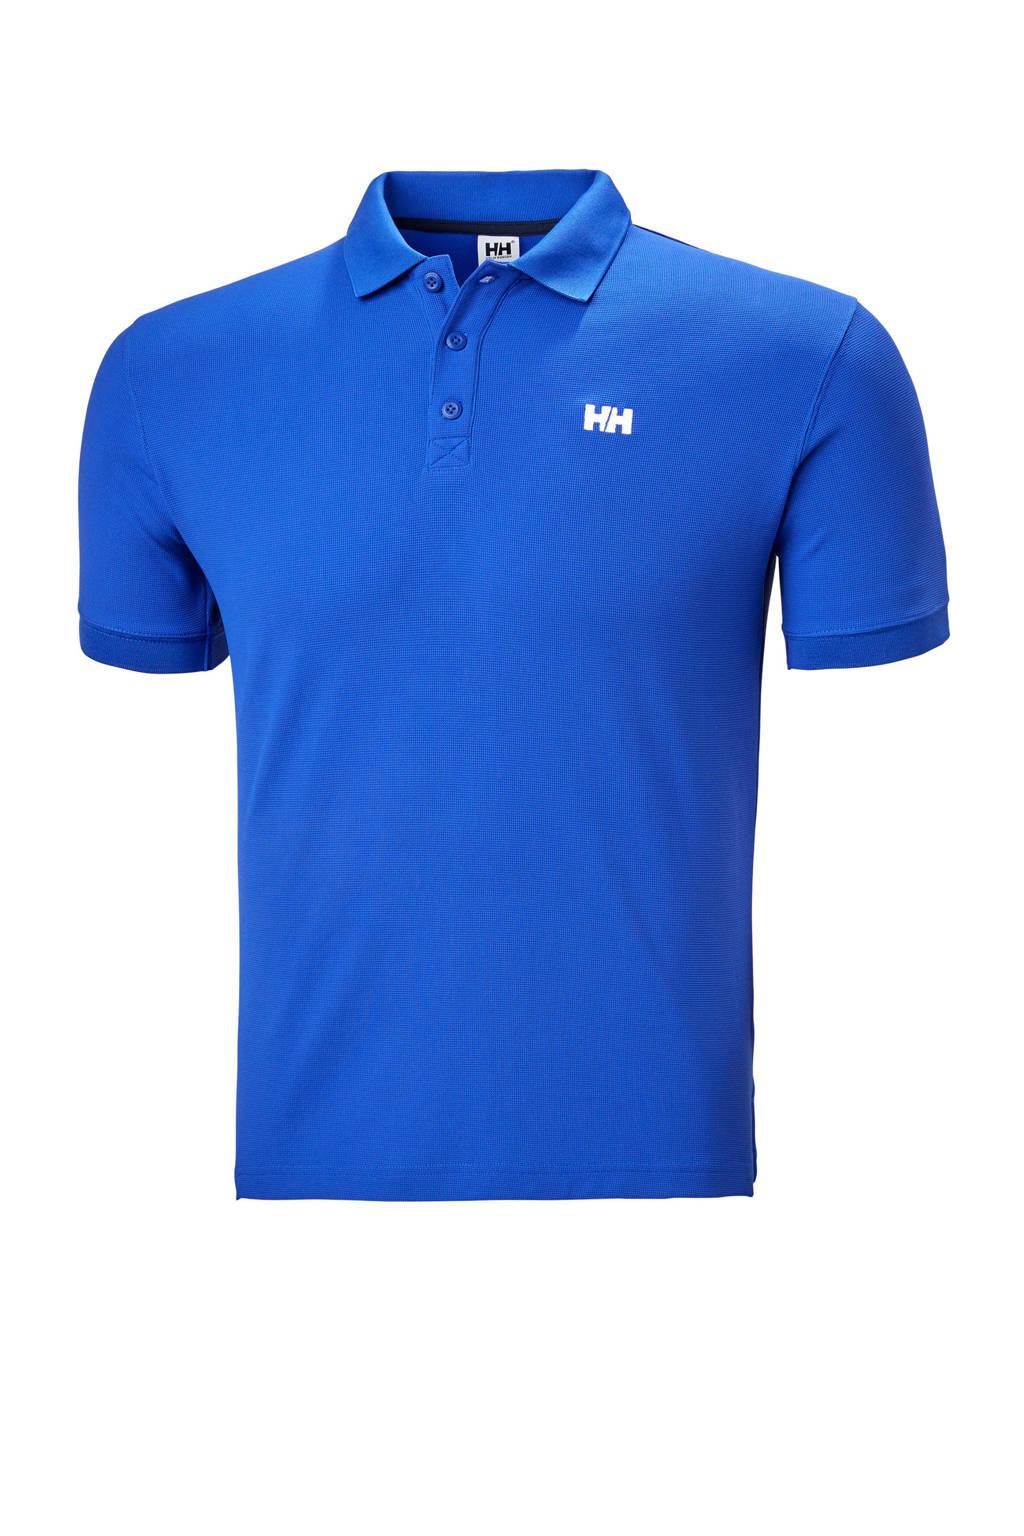 Helly Hansen polo Driftline blauw, Blauw